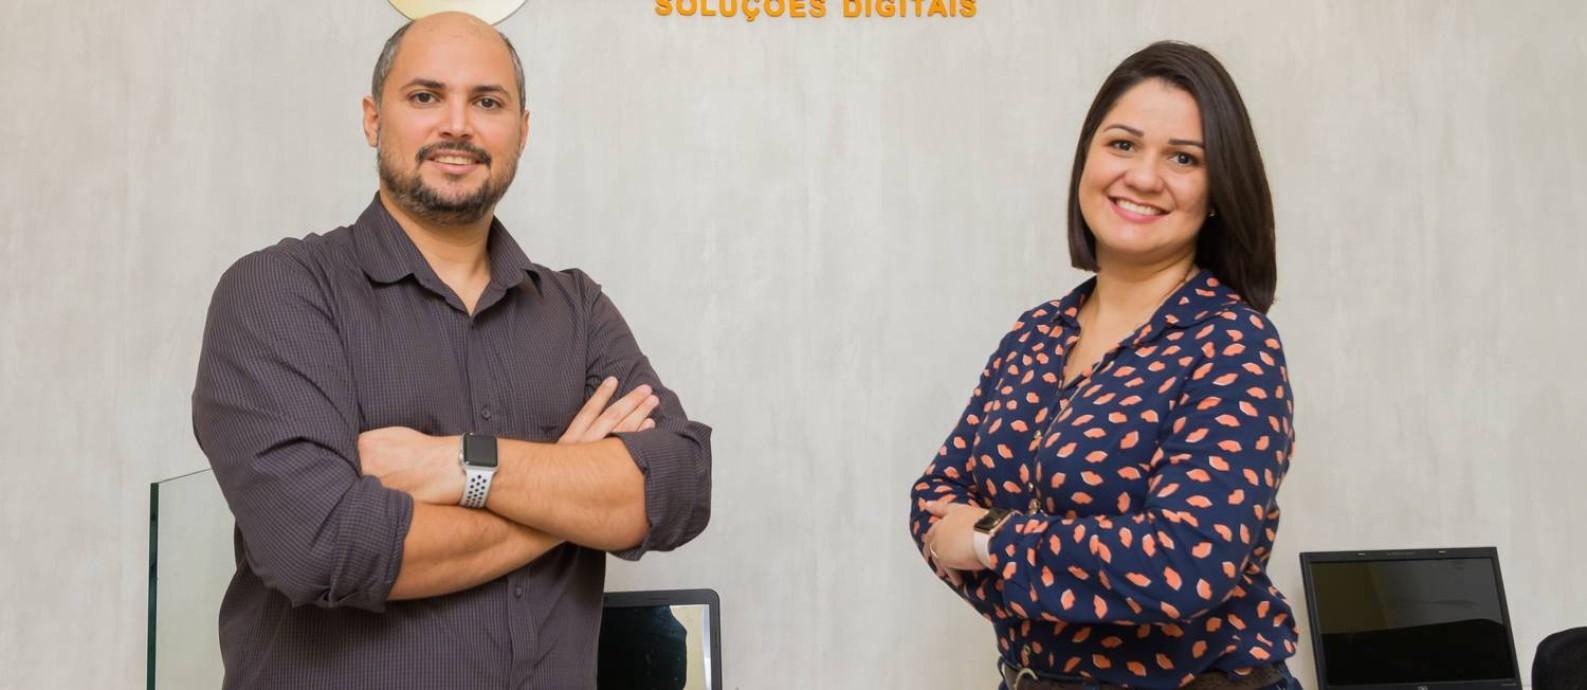 Leandro Muniz e Liliane Fiochi, da Bexus: vontade de ajudar outros pequenos empreendedores Foto: Divulgação/Adriana Moura